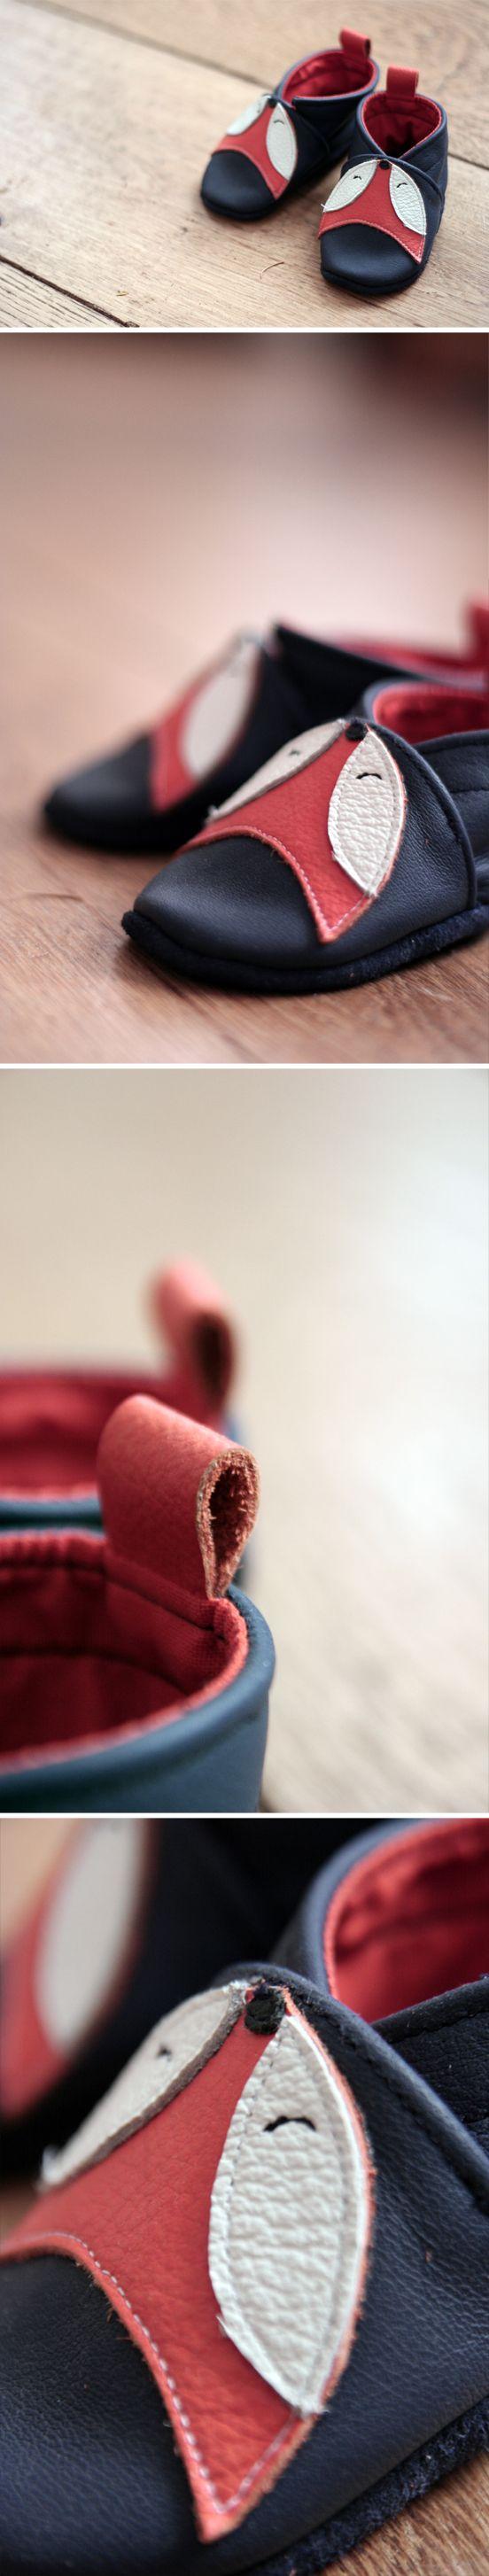 chaussons en cuir pour bébé